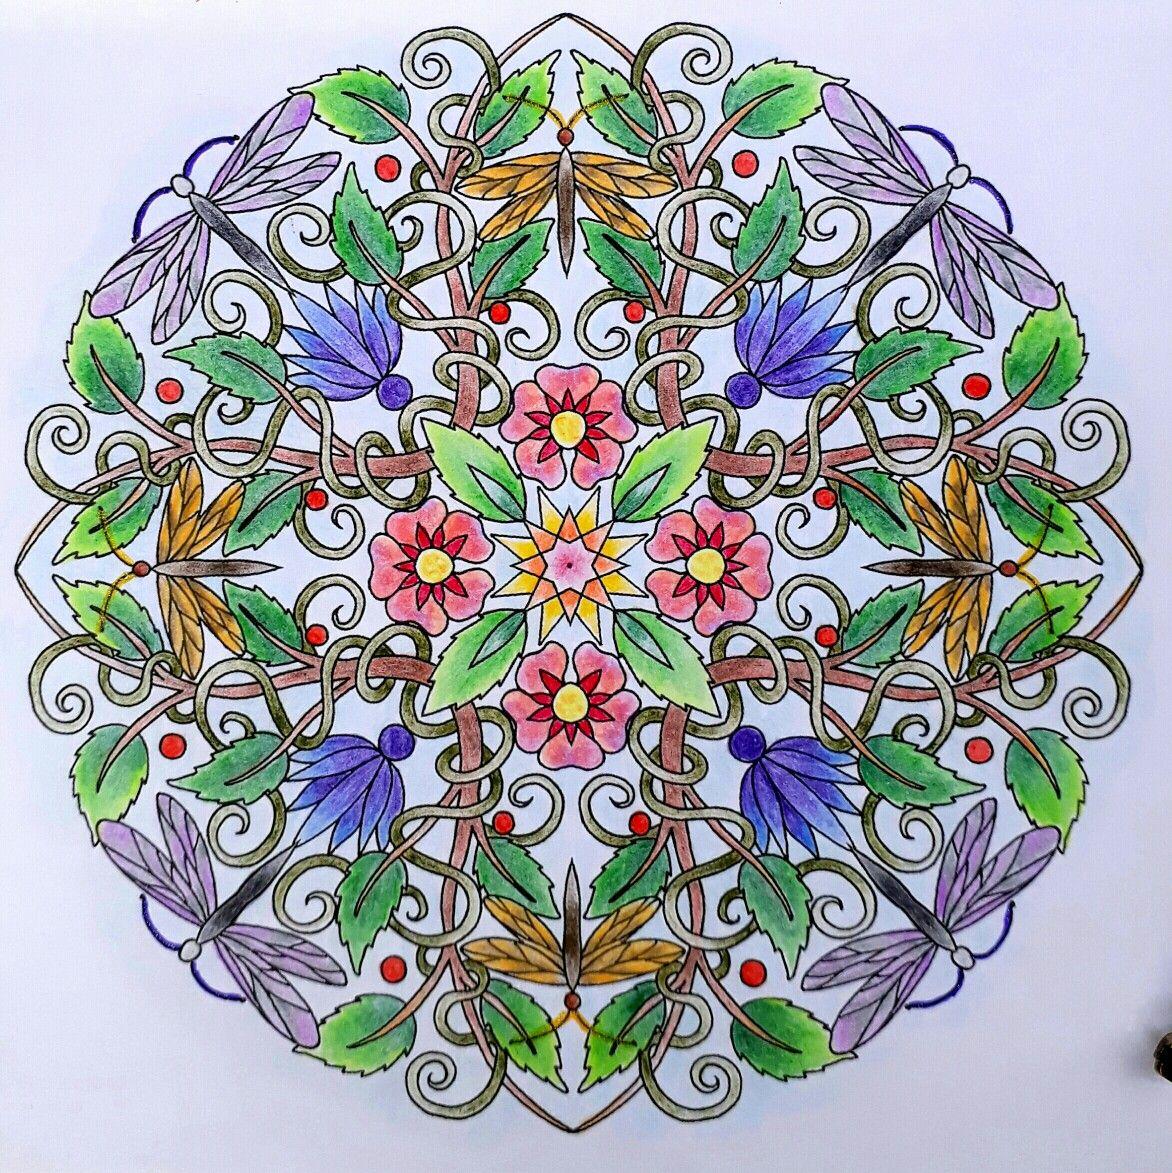 Colouring for mindfulness mandalas cynthia emerlye carandache